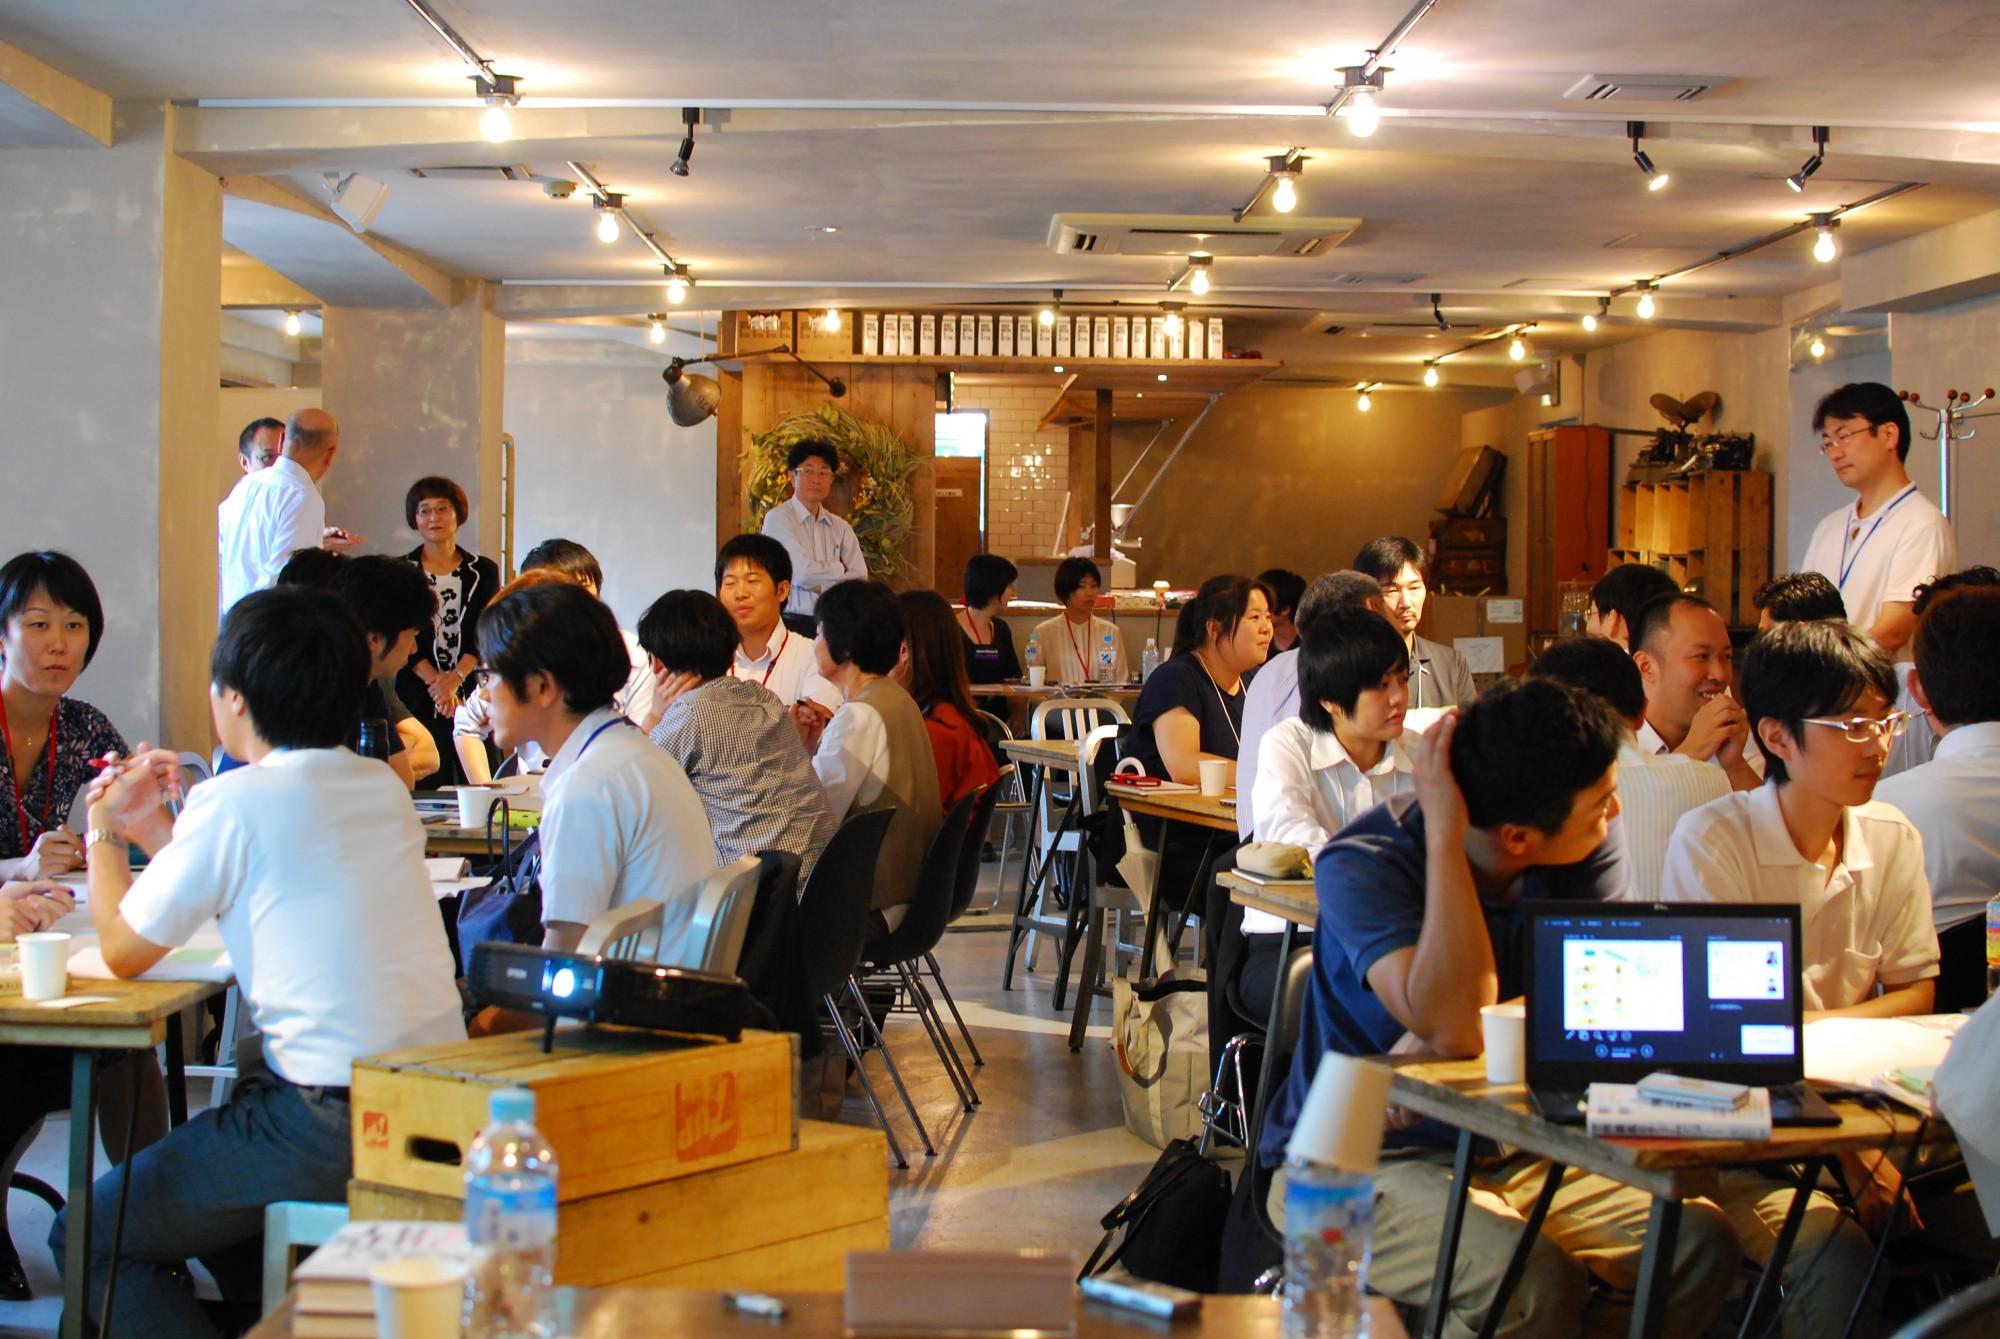 生きるように働く。80歳まで働き続けるには│京の企業「働き方改革チャレンジプログラム」合同研修Day2レポート